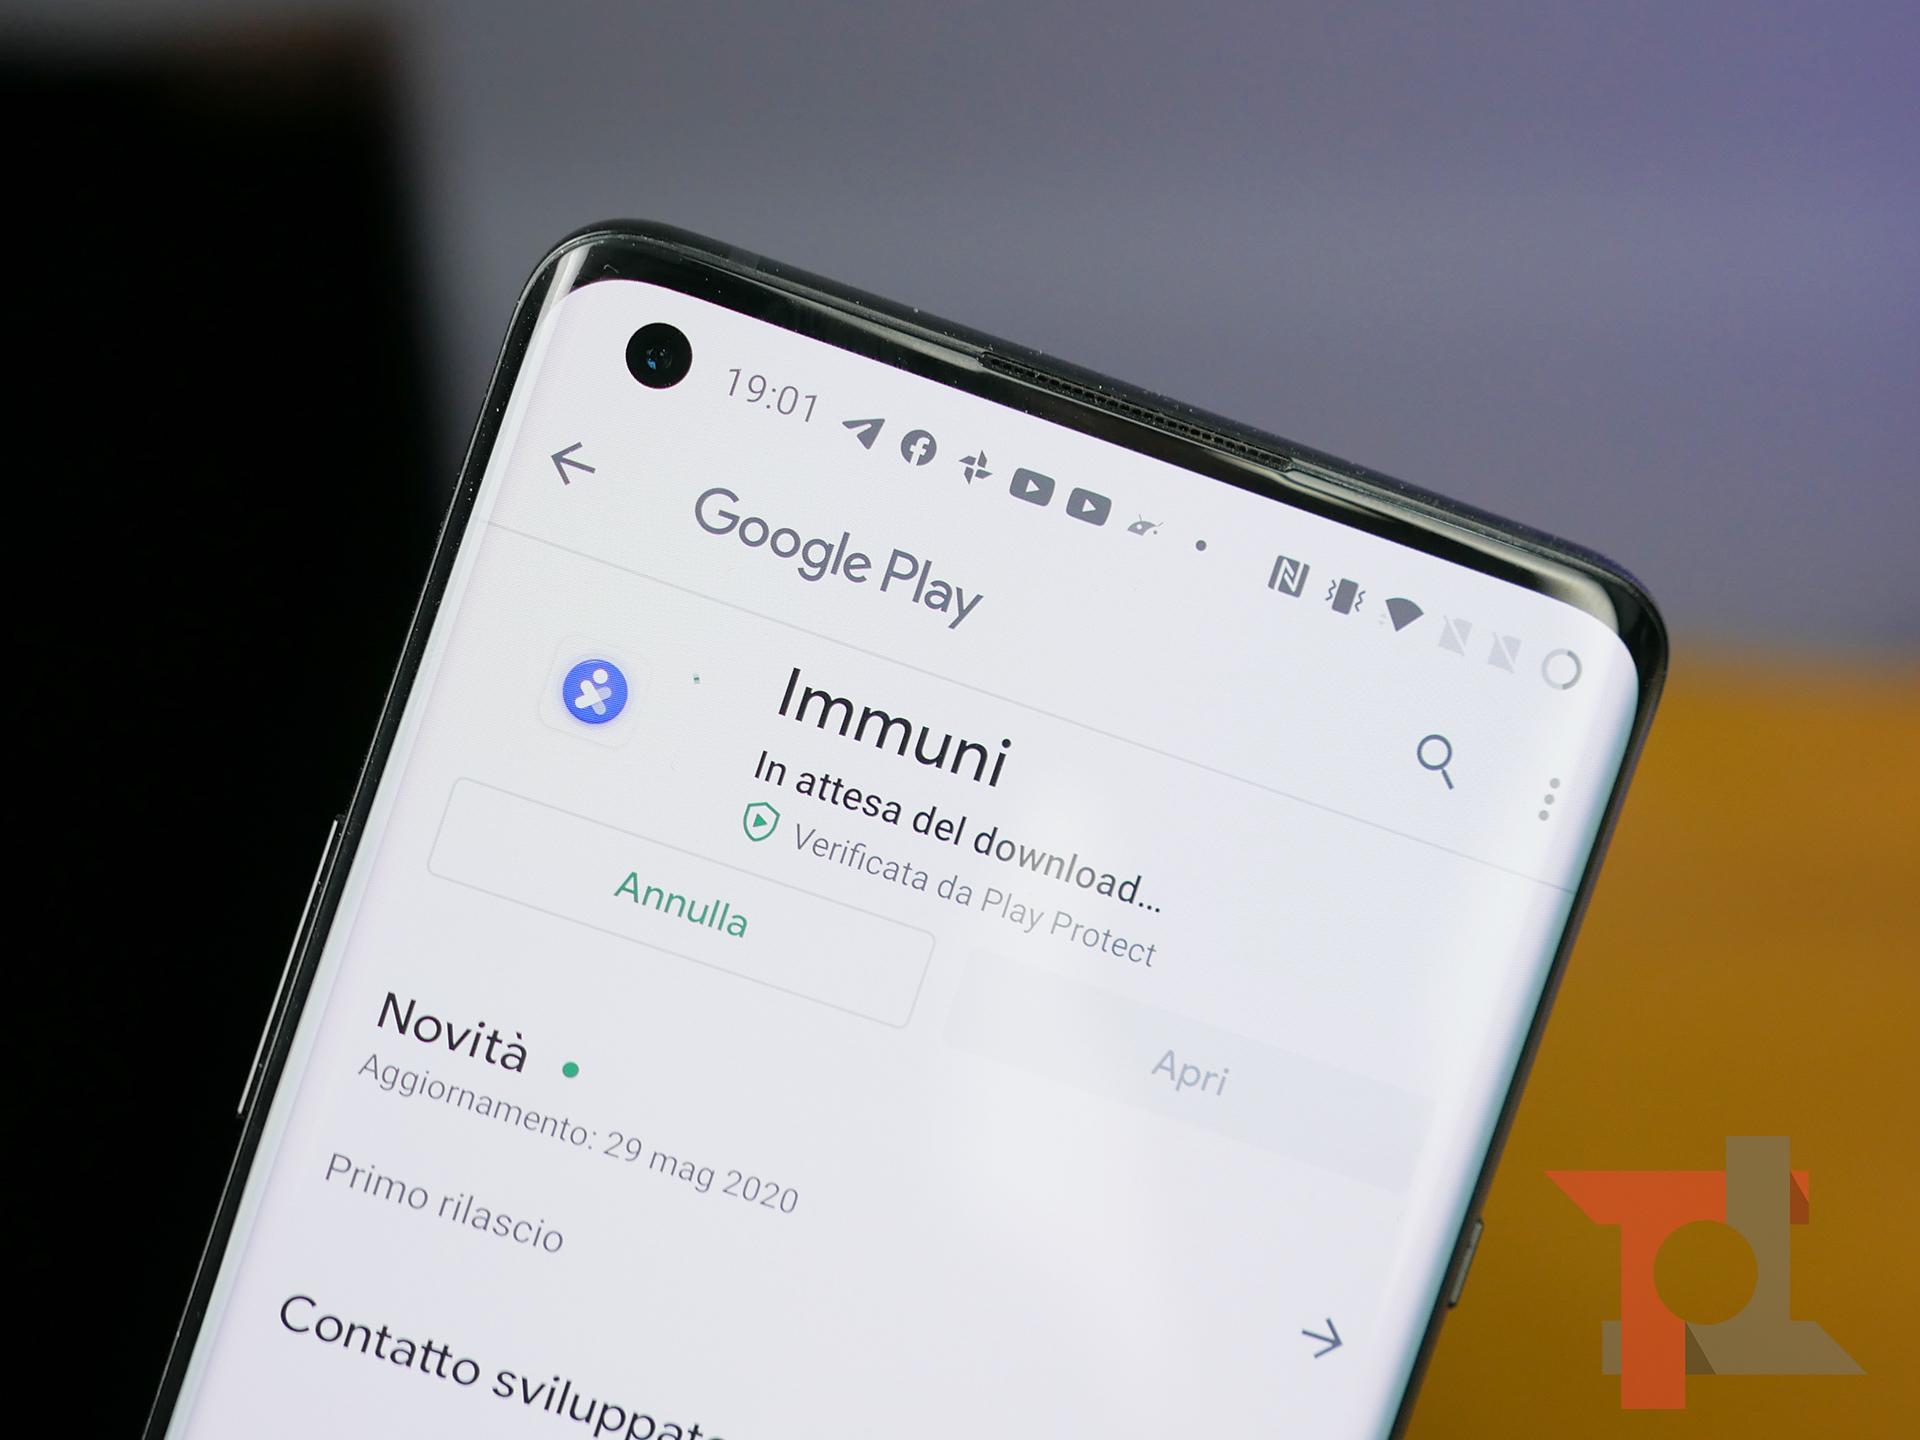 Ecco perchè l'app Immuni è incompatibile con alcuni smartpho